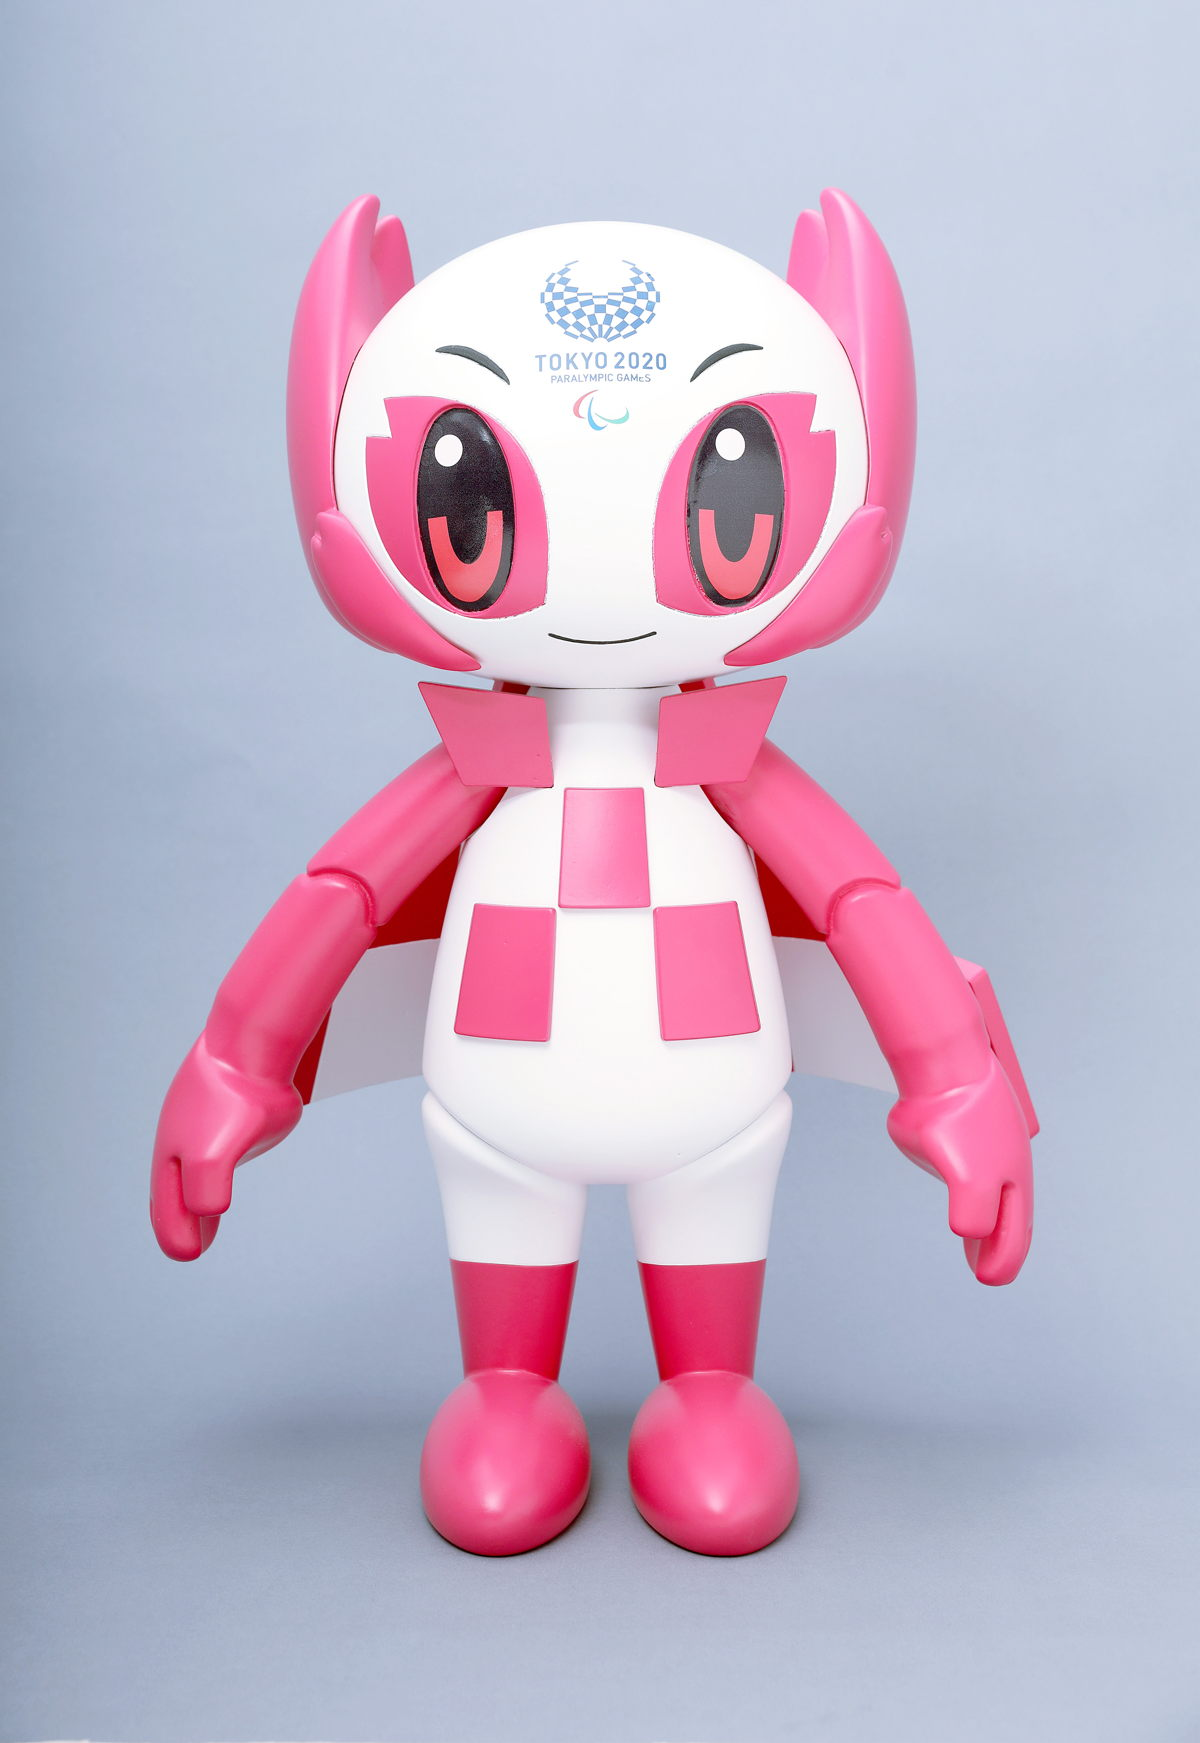 Tokyo 2020 mascotterobot